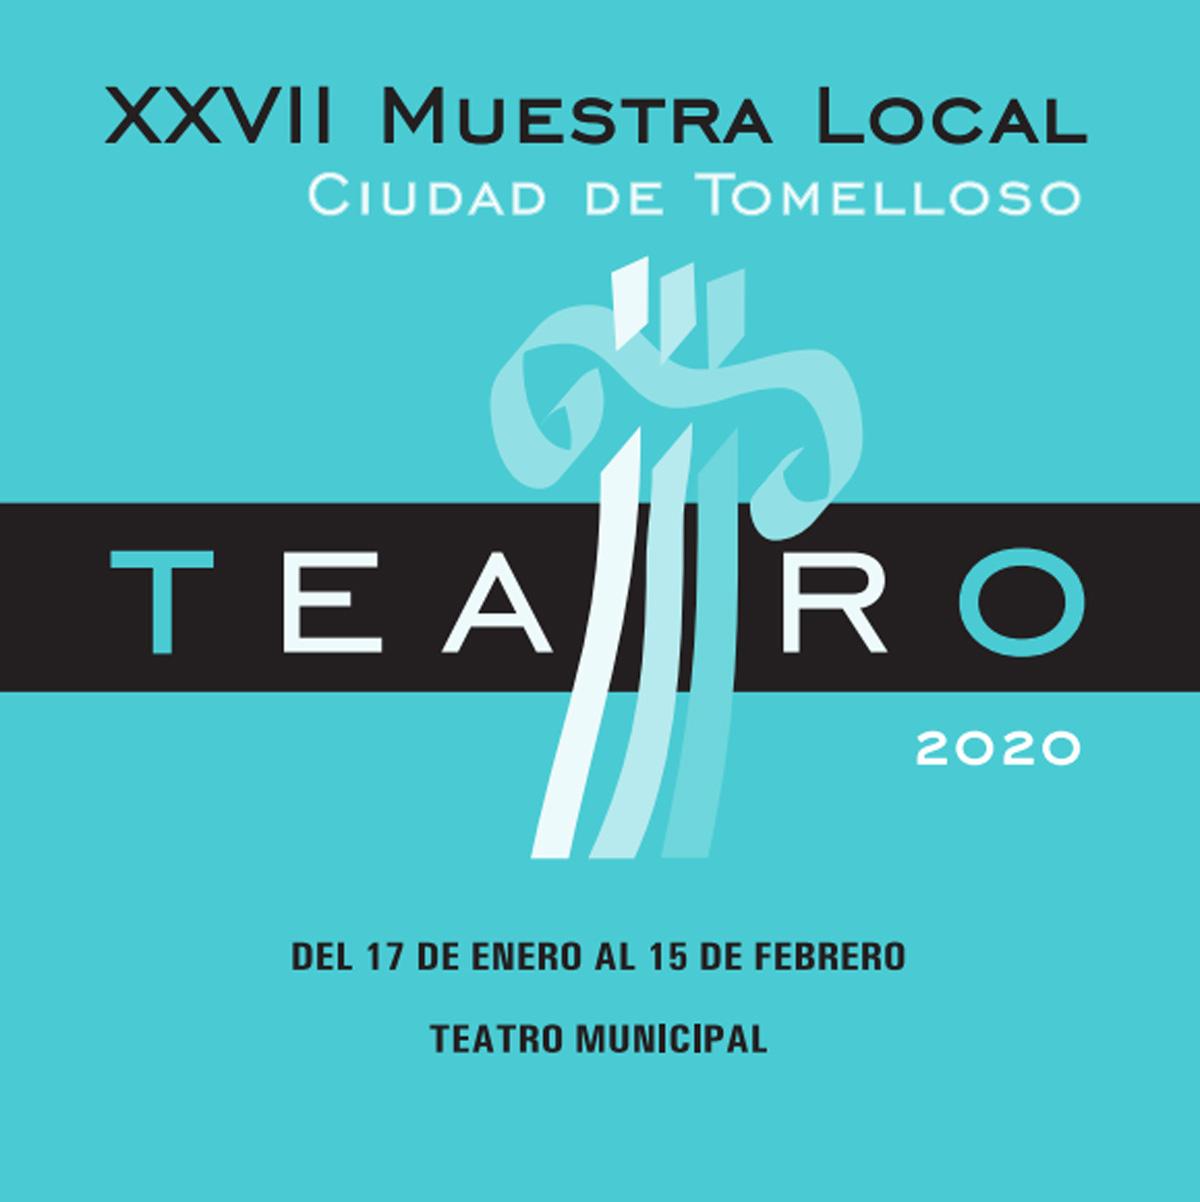 XXVII Muestra Local de Teatro Ciudad de Tomelloso 2